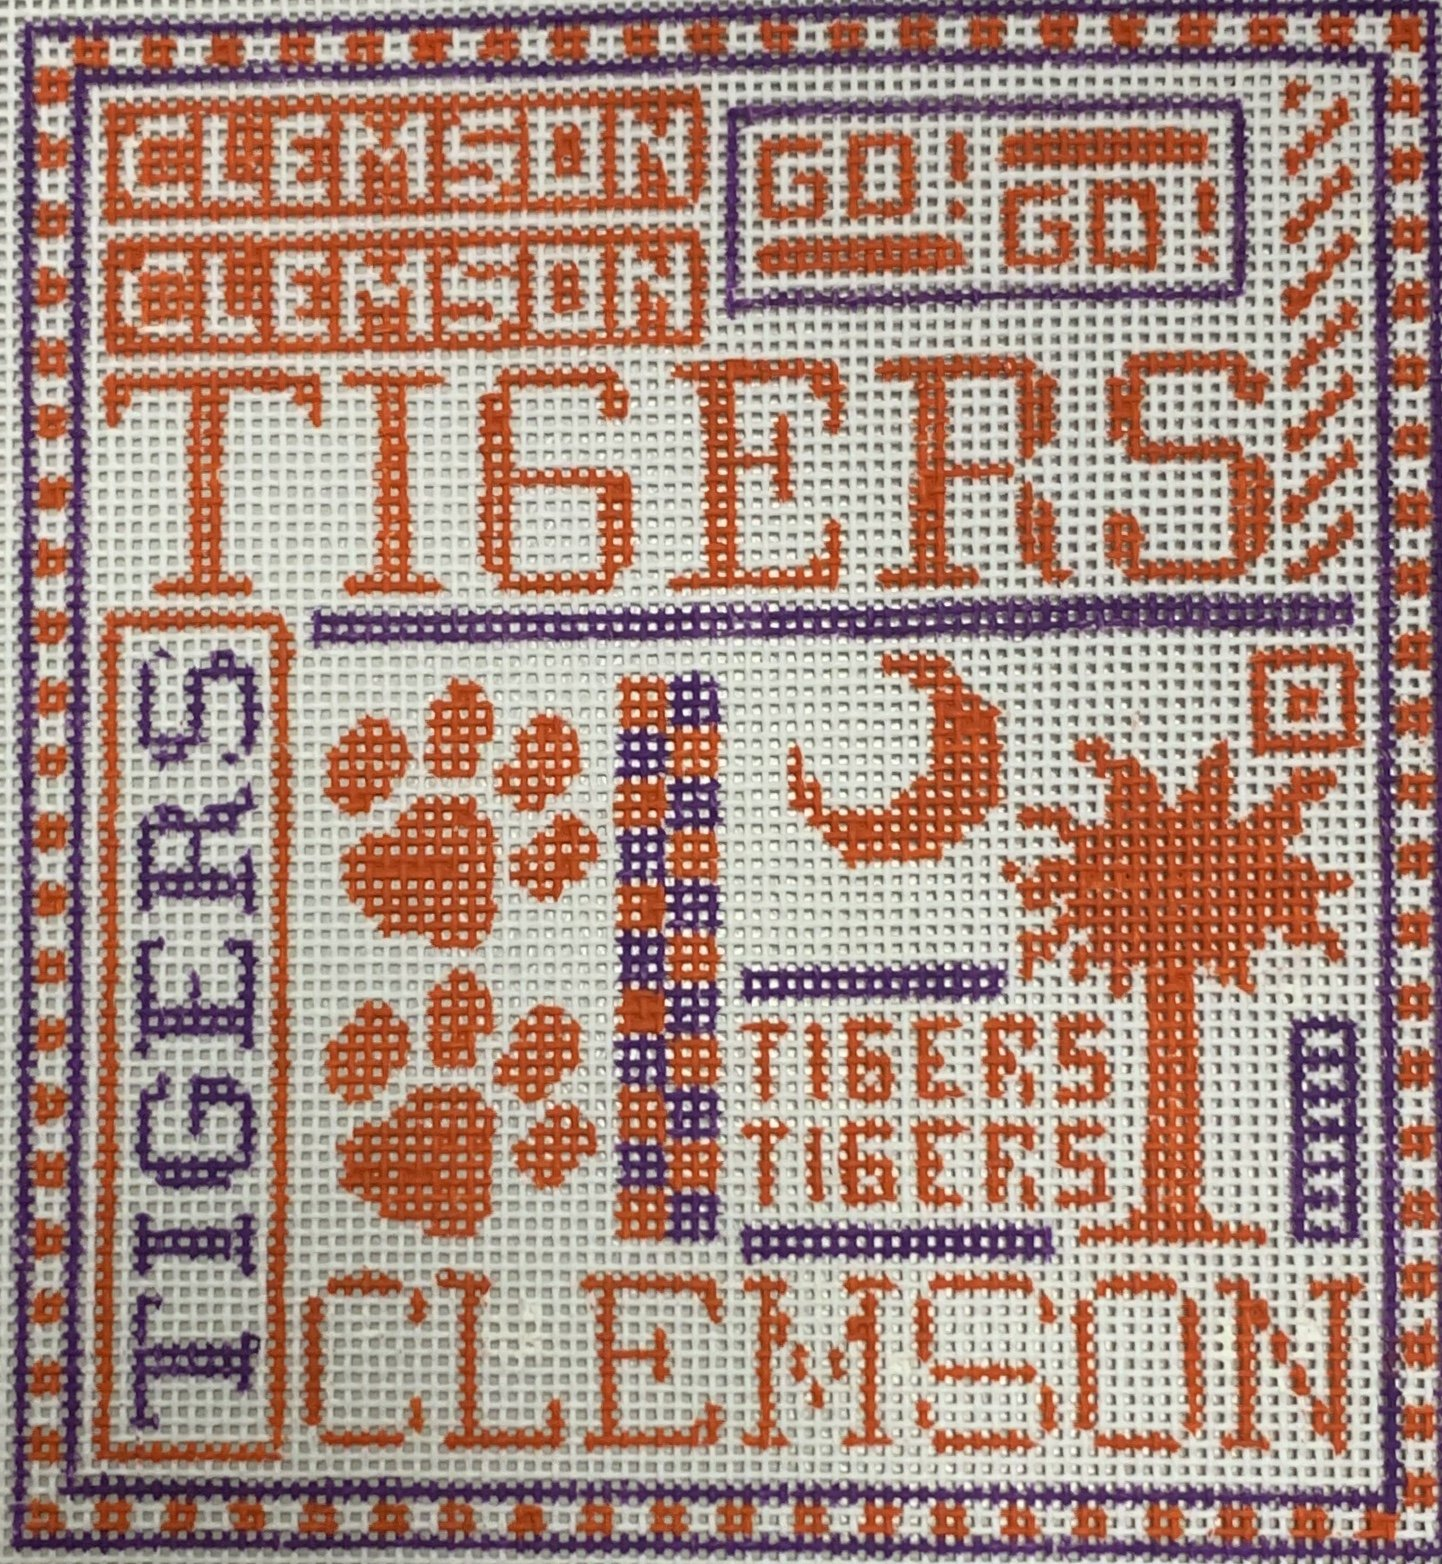 Clemson Sampler